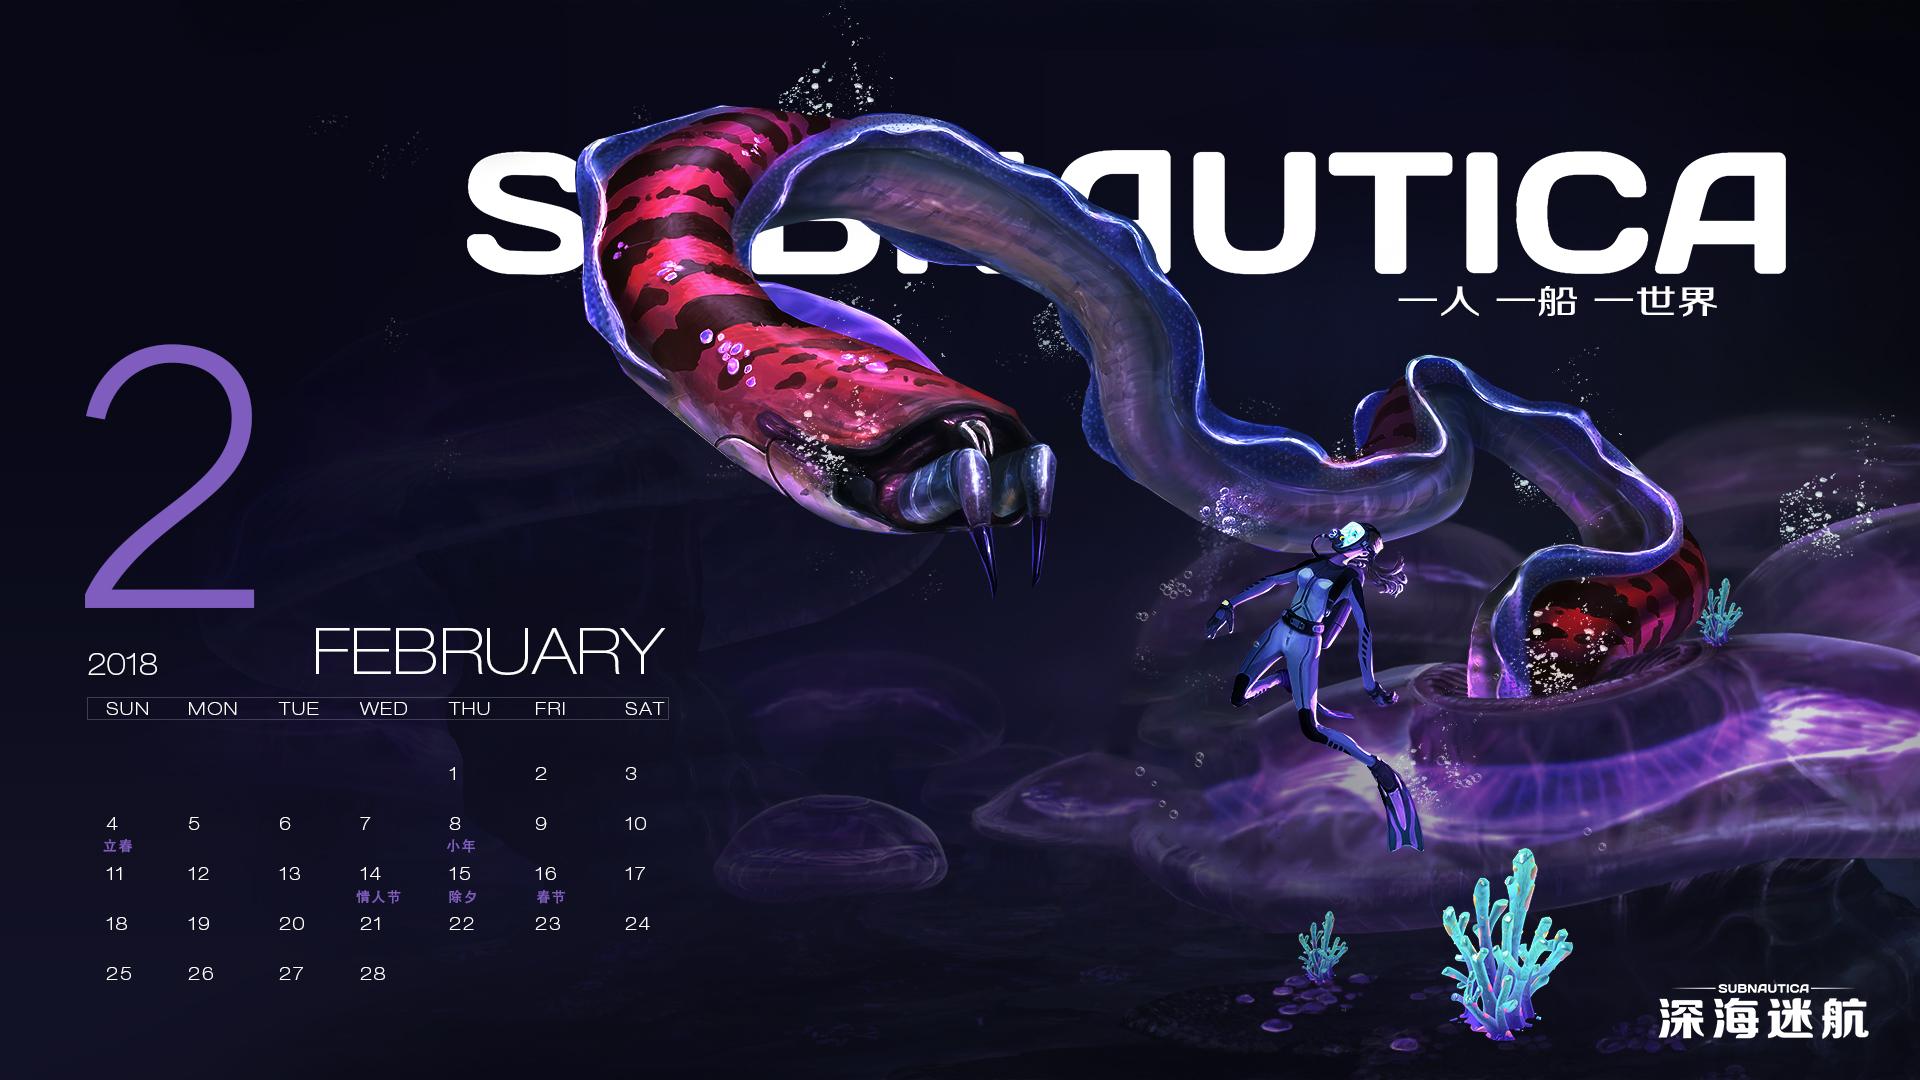 《深海迷航》1月16日预售 2018新年壁纸发布